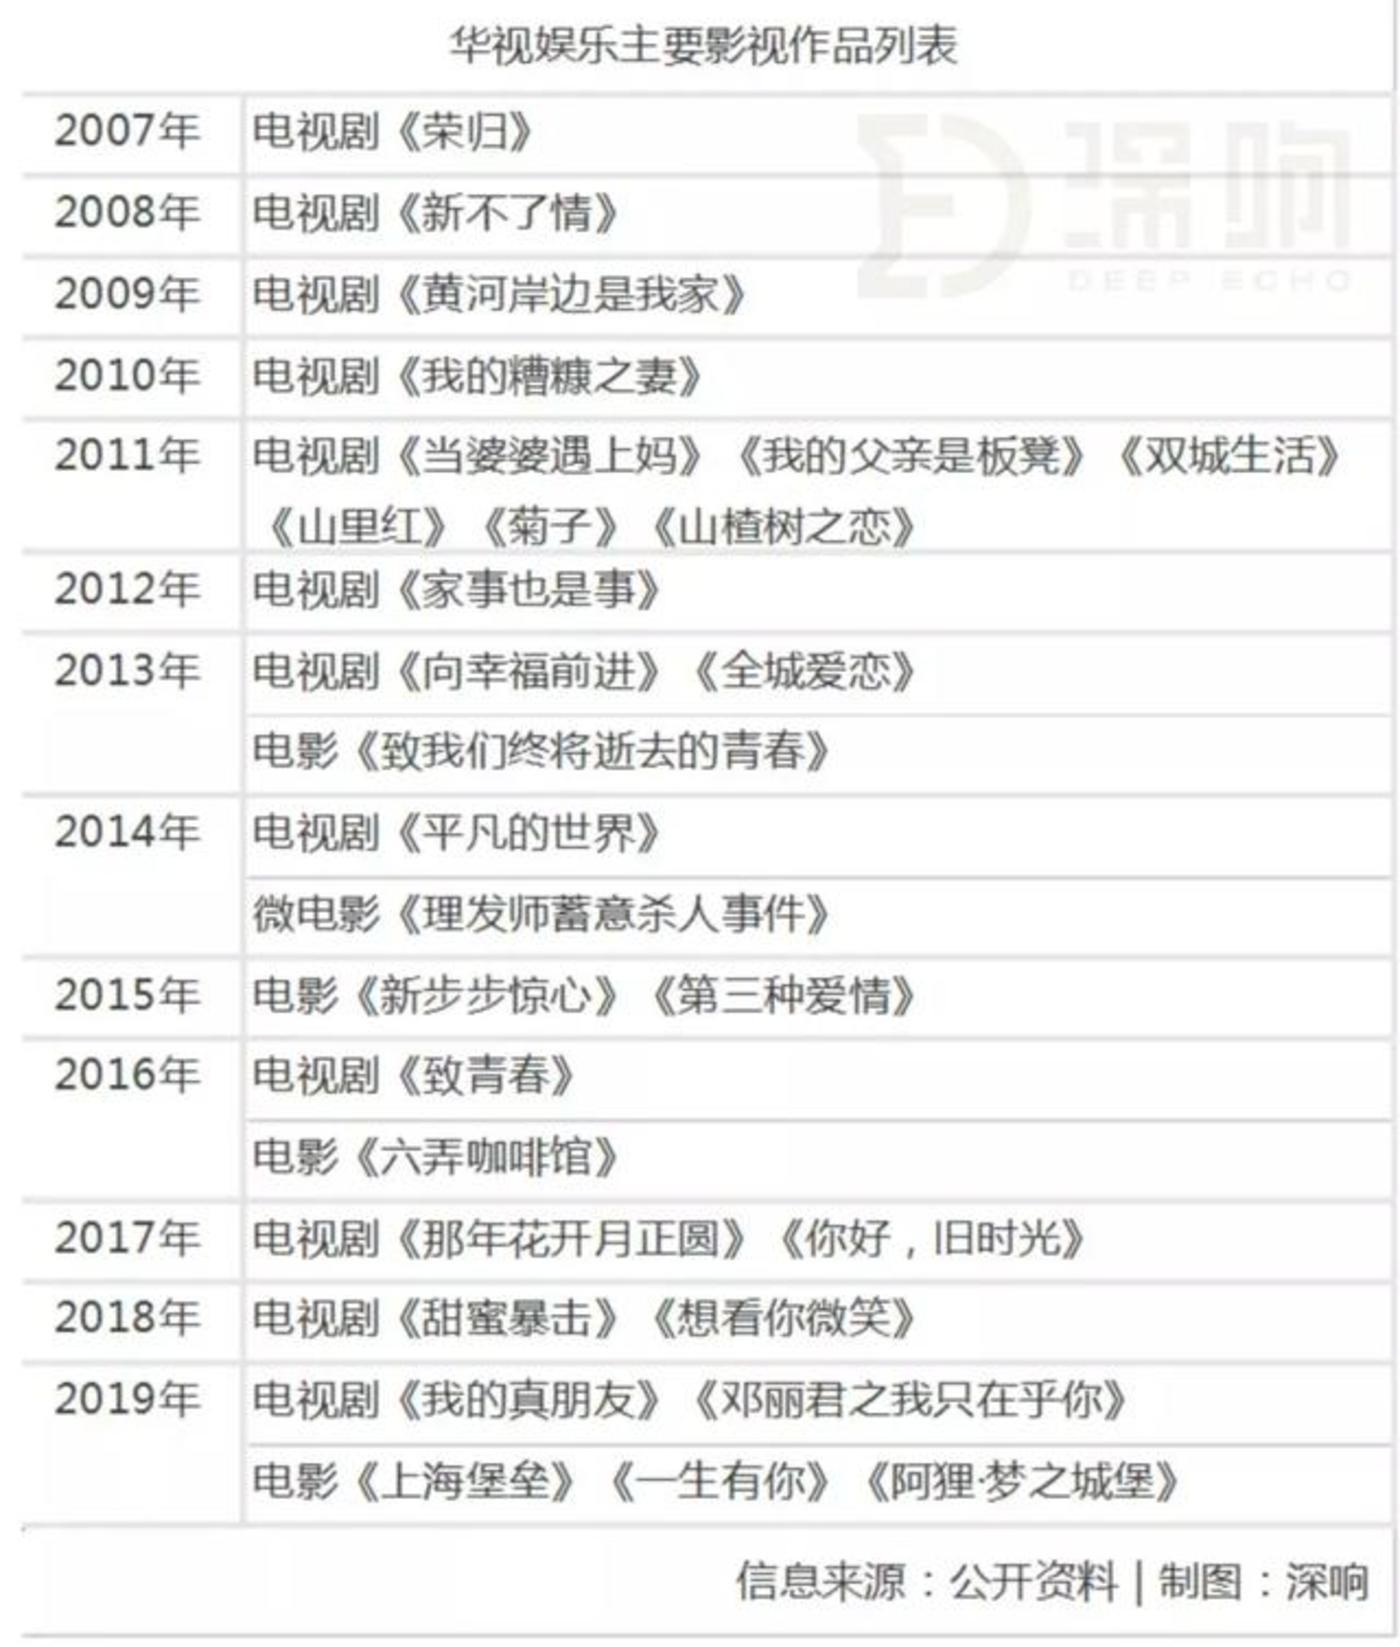 《上海堡垒》背后的资本故事:石油大亨、医院大佬、逐梦IPO